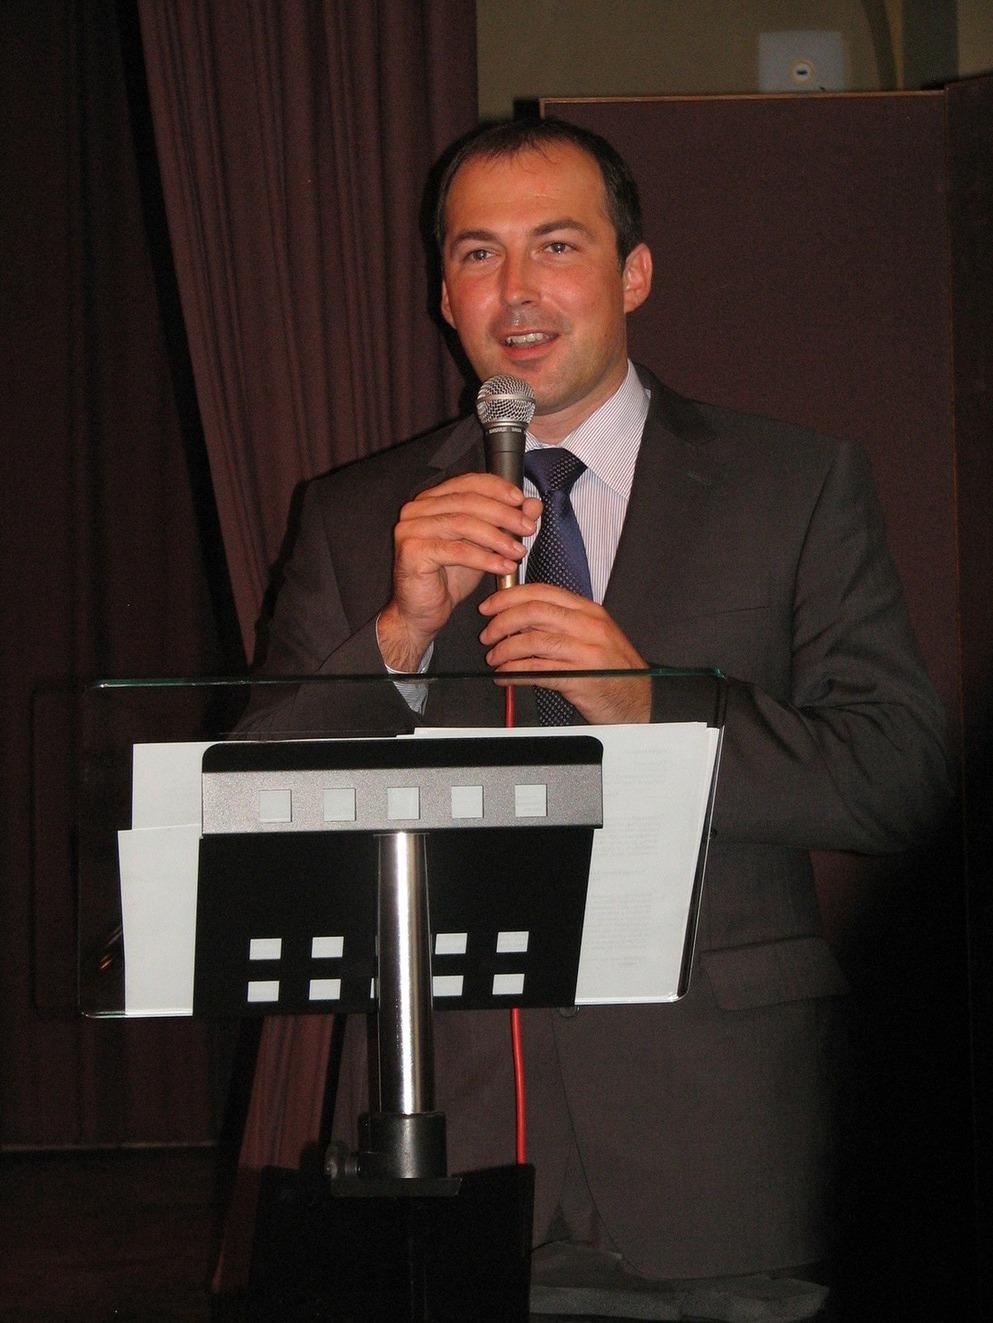 Již nepřítomného ministra kultury zastupoval jeho náměstek Radek Zdráhal